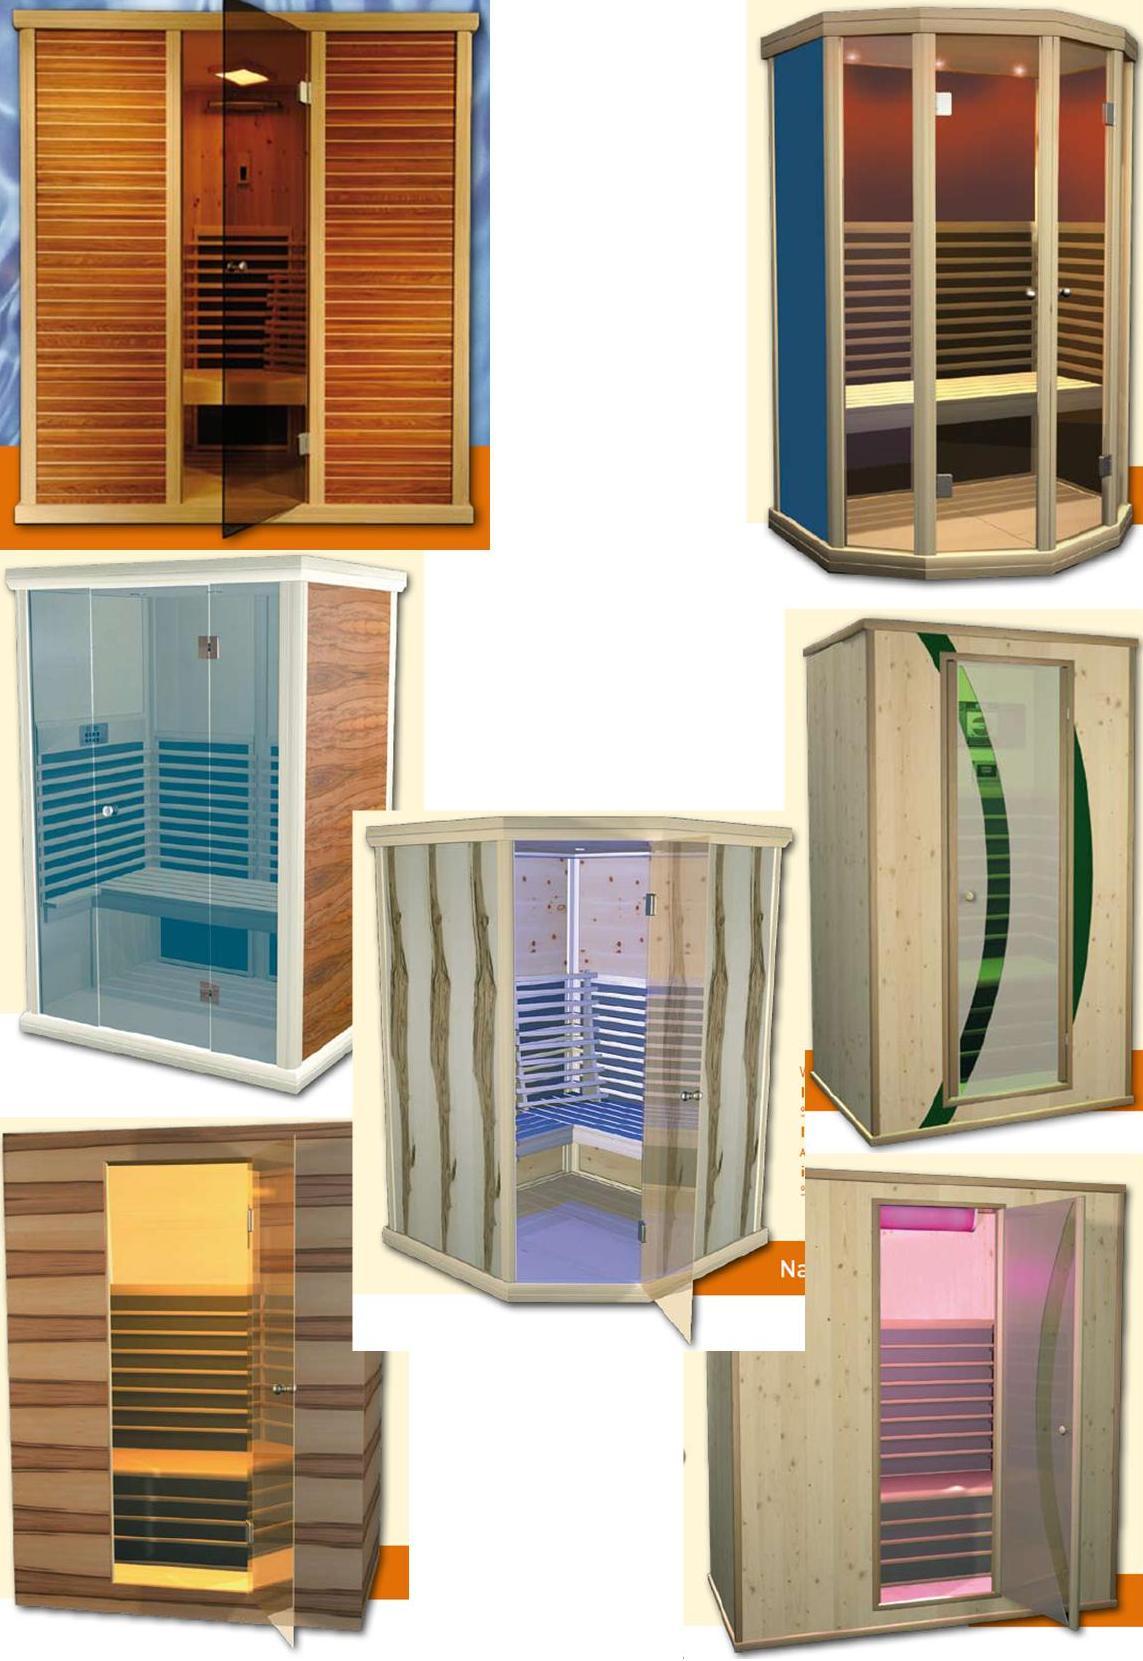 Quipements pour balneotherapie les fournisseurs grossistes et fabricants s - Sauna infrarouge bienfaits ...